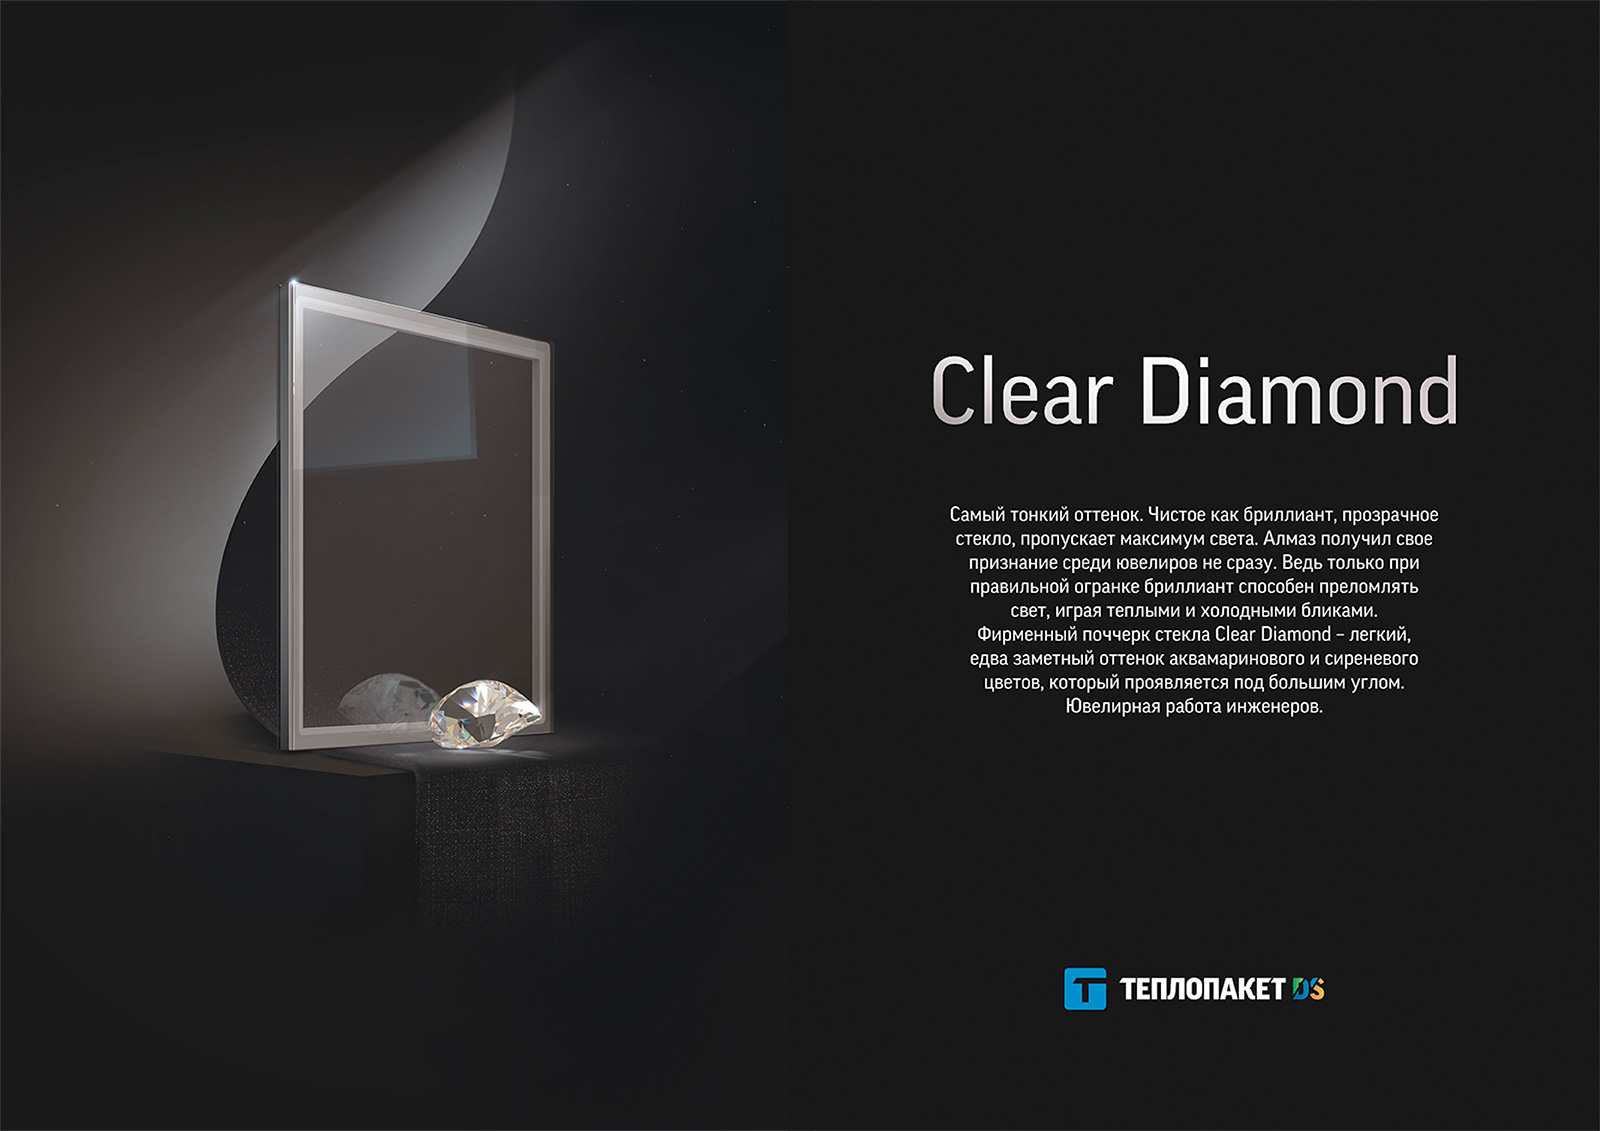 Теплопакет DS - цвет Clear Diamond